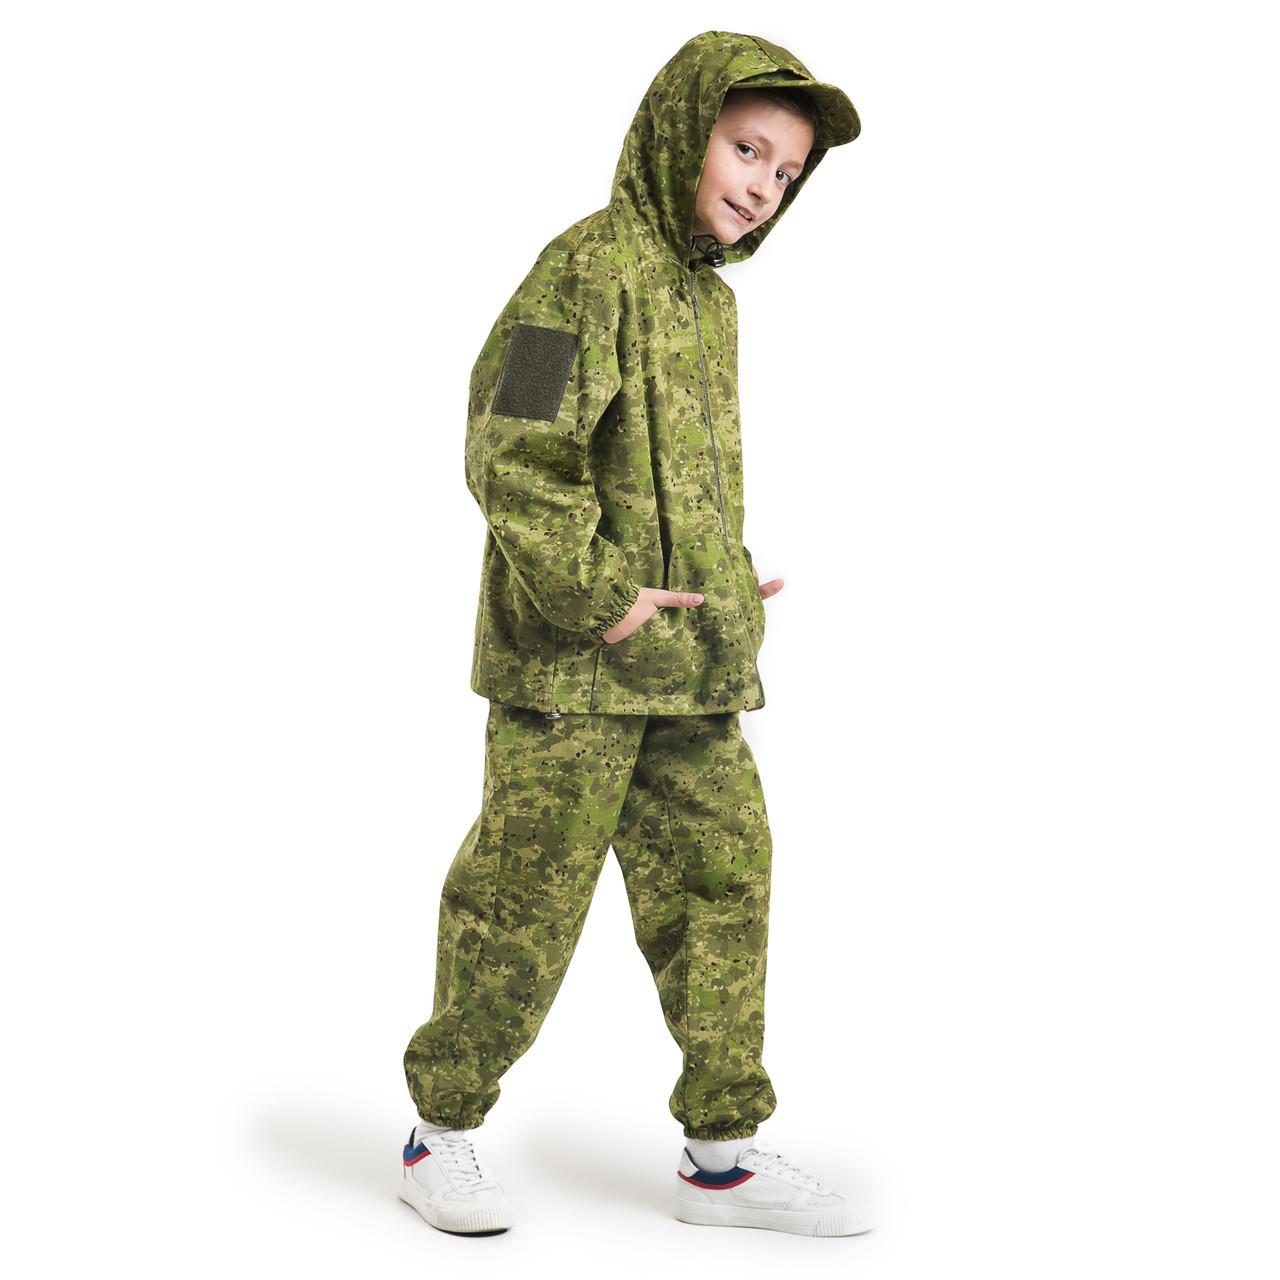 Детский костюм  для активного отдыха Лесоход  камуфляж Роса рост 116-122